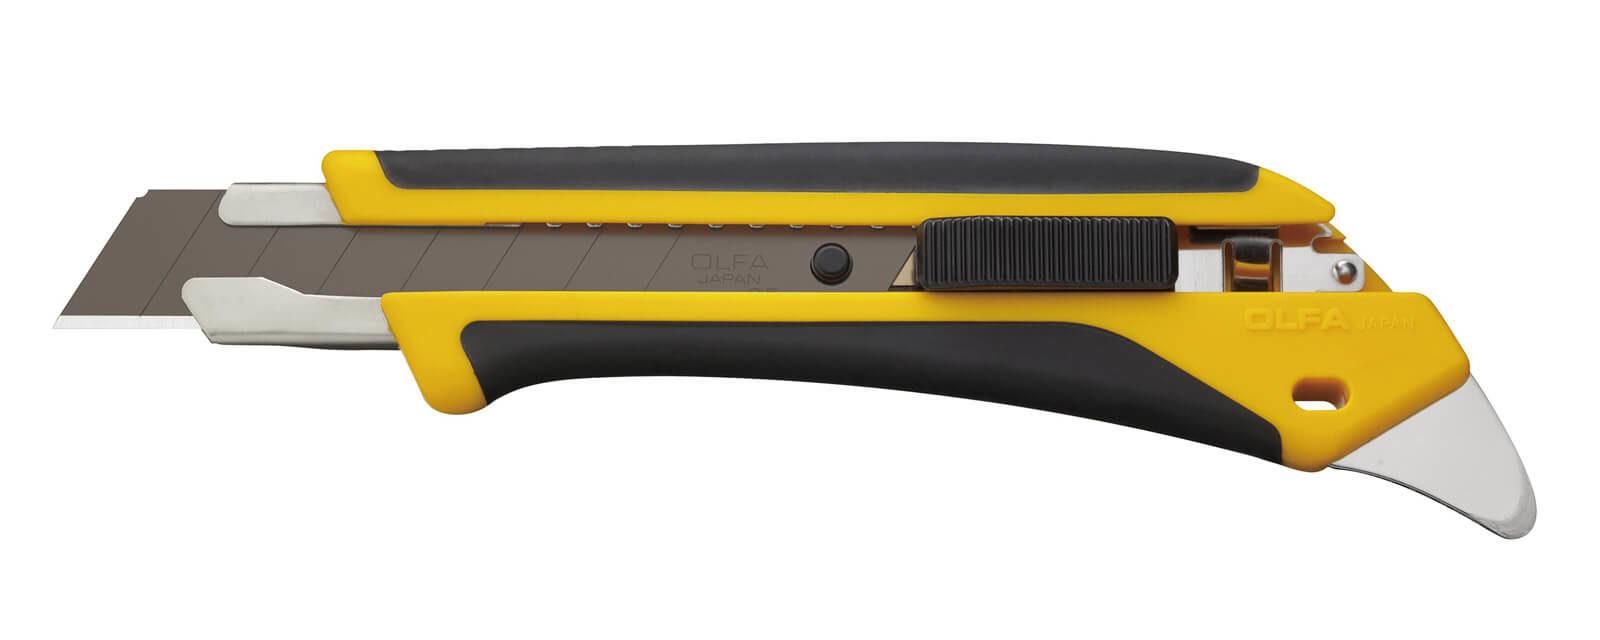 C064-Cuttermesser-18mm-Profi-OLFA-L5-AL-CURT-tools_1600